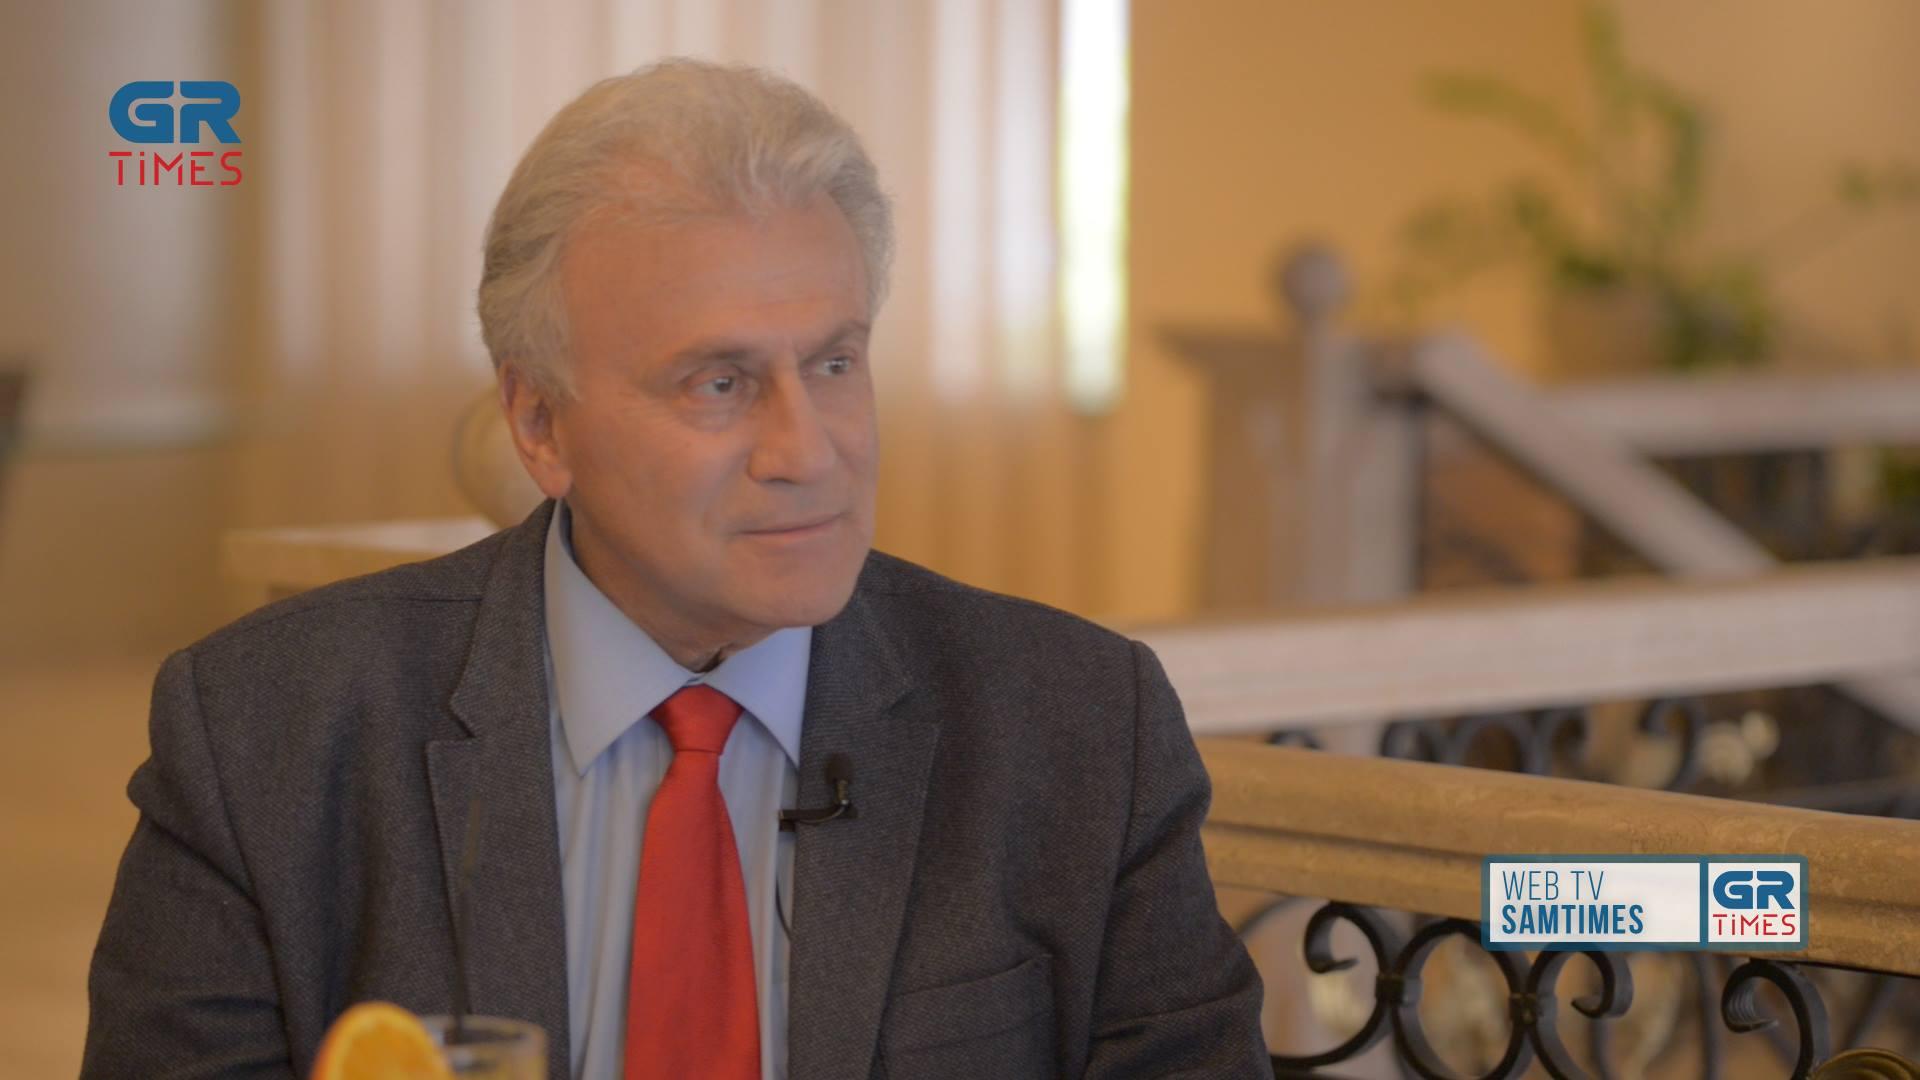 Π. Ψωμιάδης στο GrΤimes: Τίποτα δεν έχει τελειώσει με το θέμα της Μακεδονίας